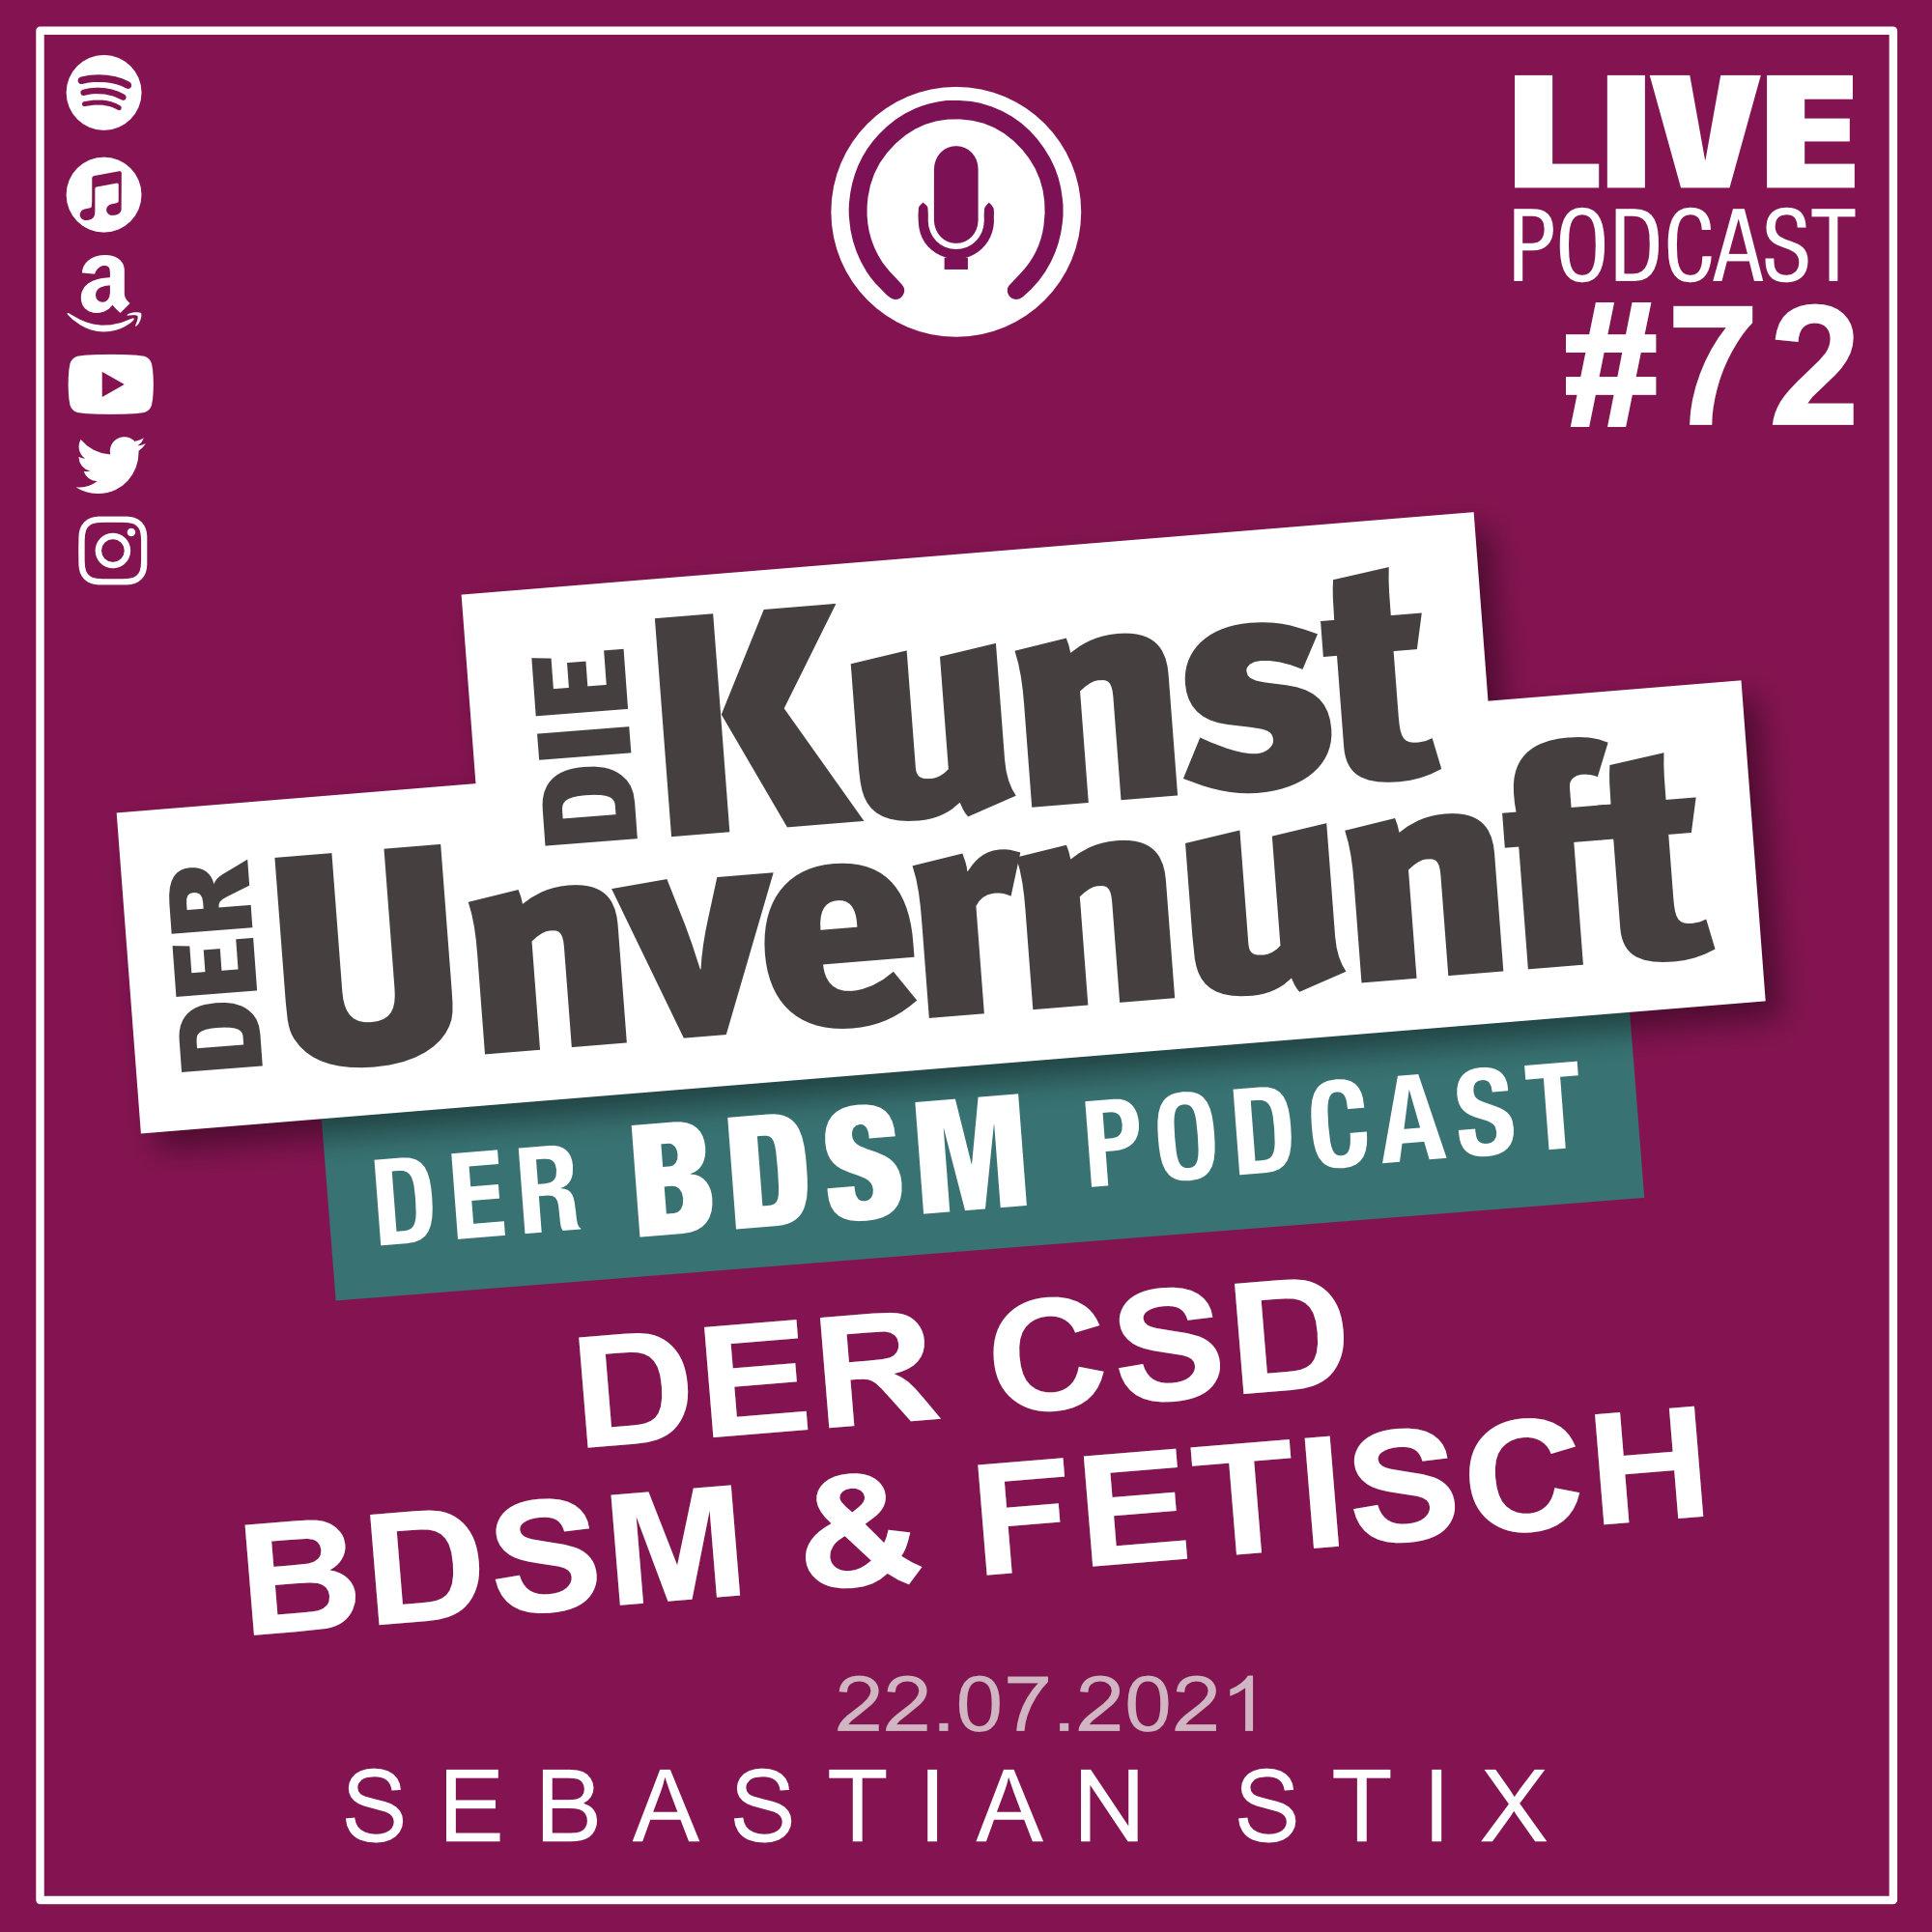 Unvernunft Live 22.07.2021 - Der CSD, BDSM und FETISCH